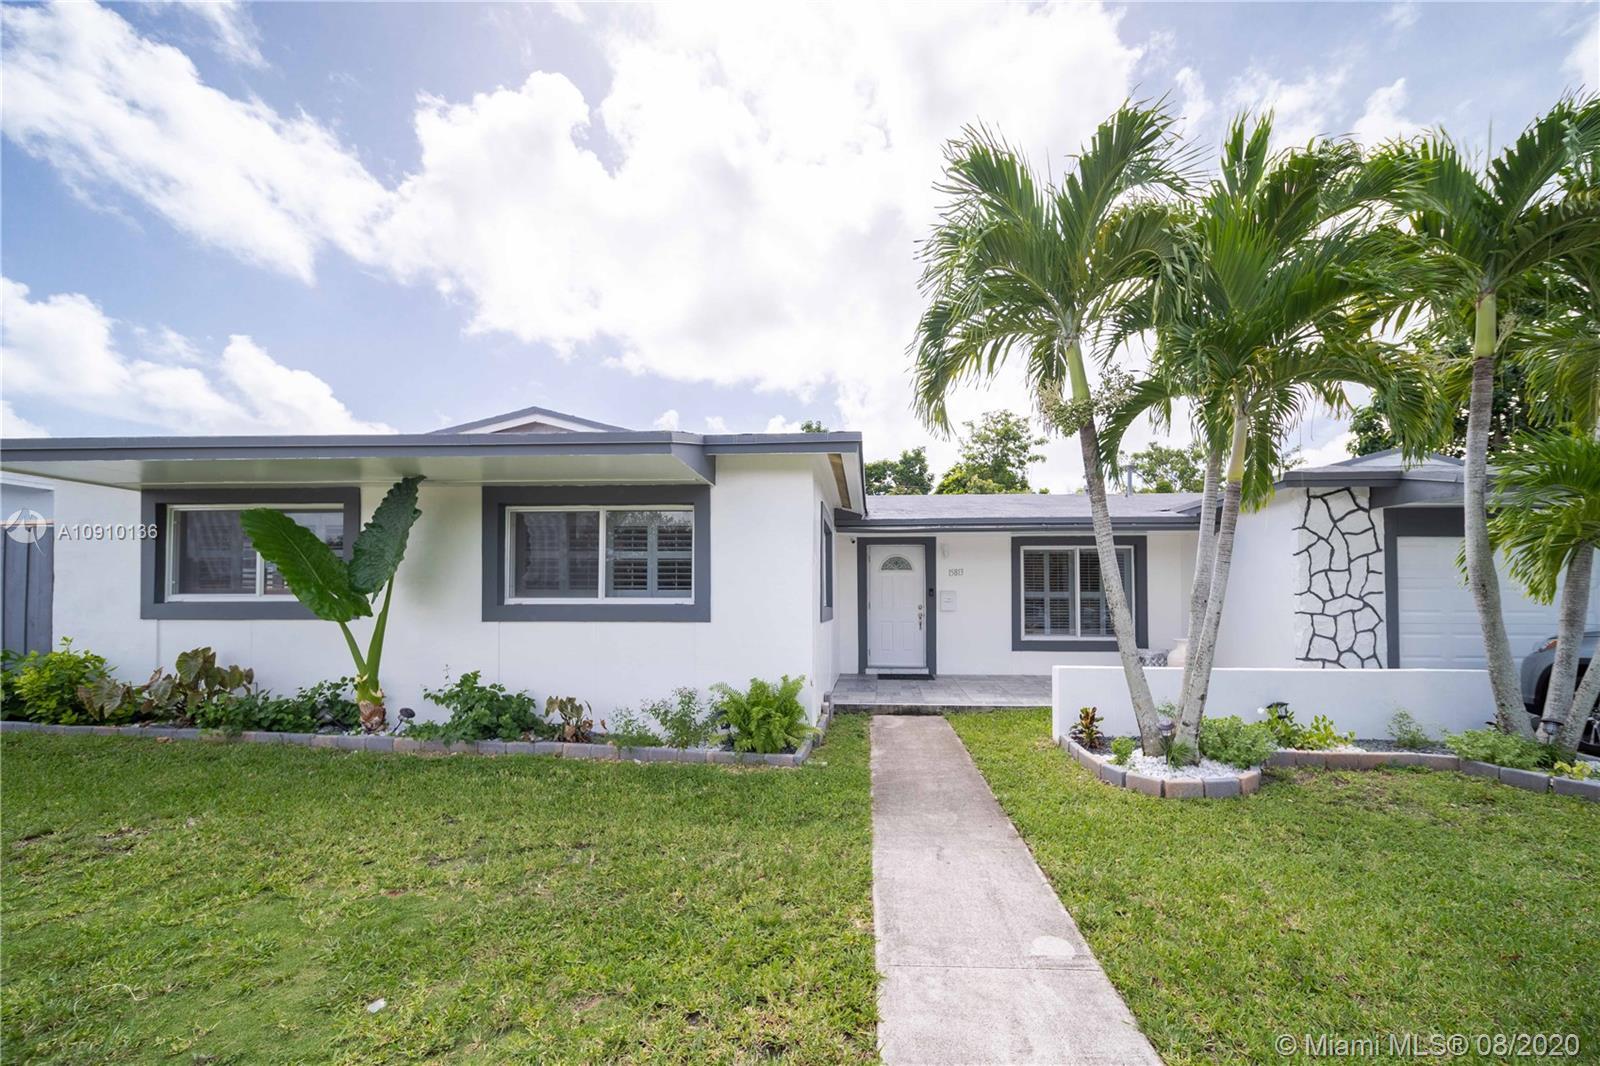 15813 Fairway Heights Blvd, Miami FL 33157